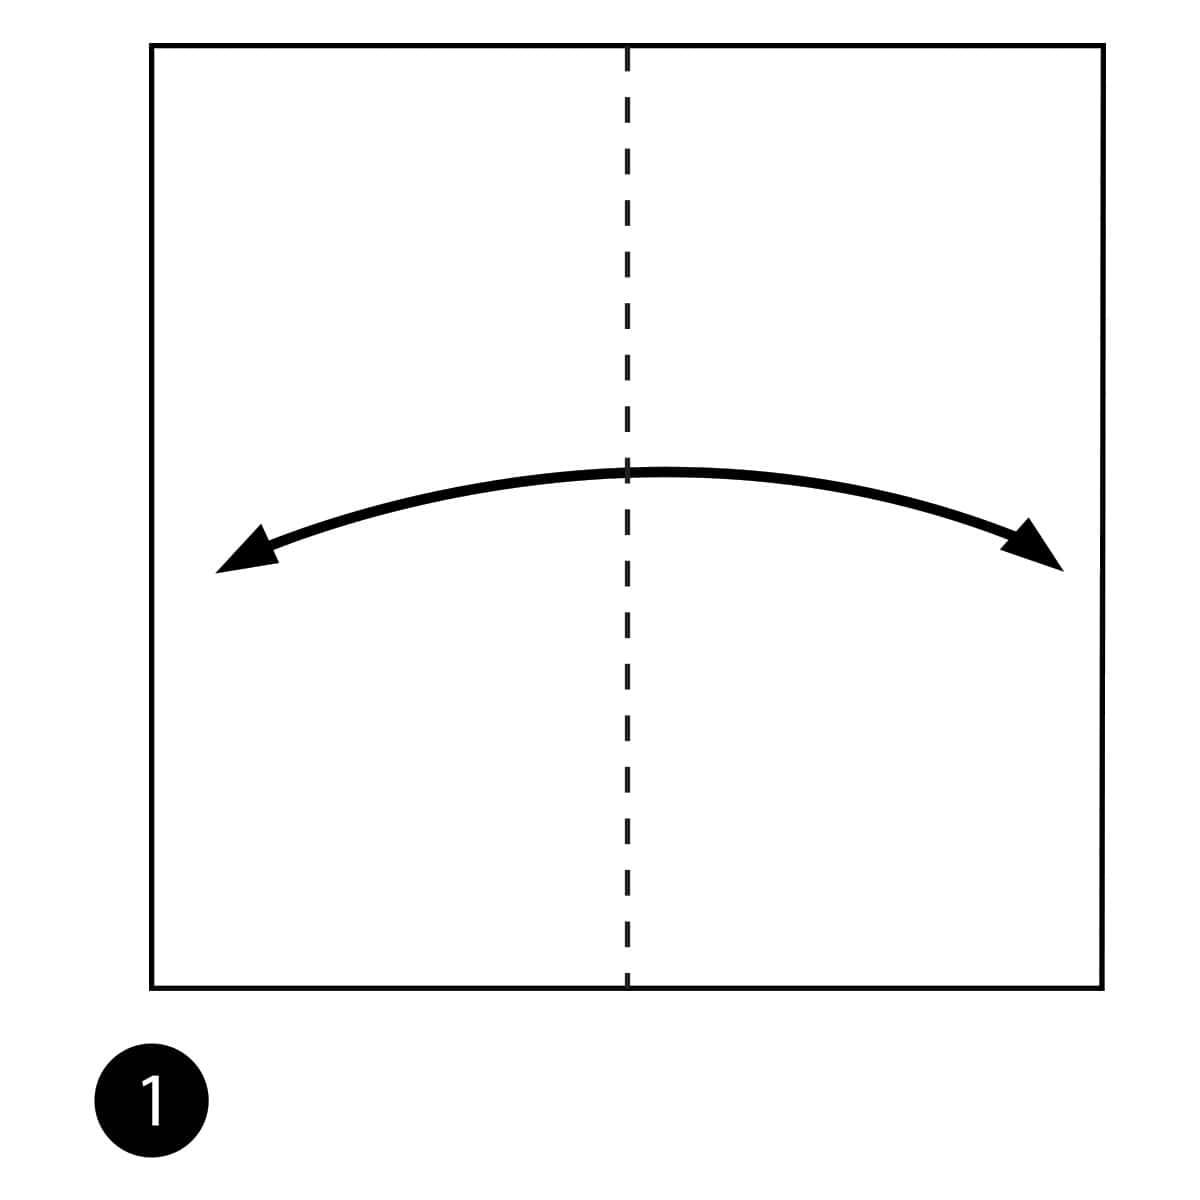 Pinwheel Step 1